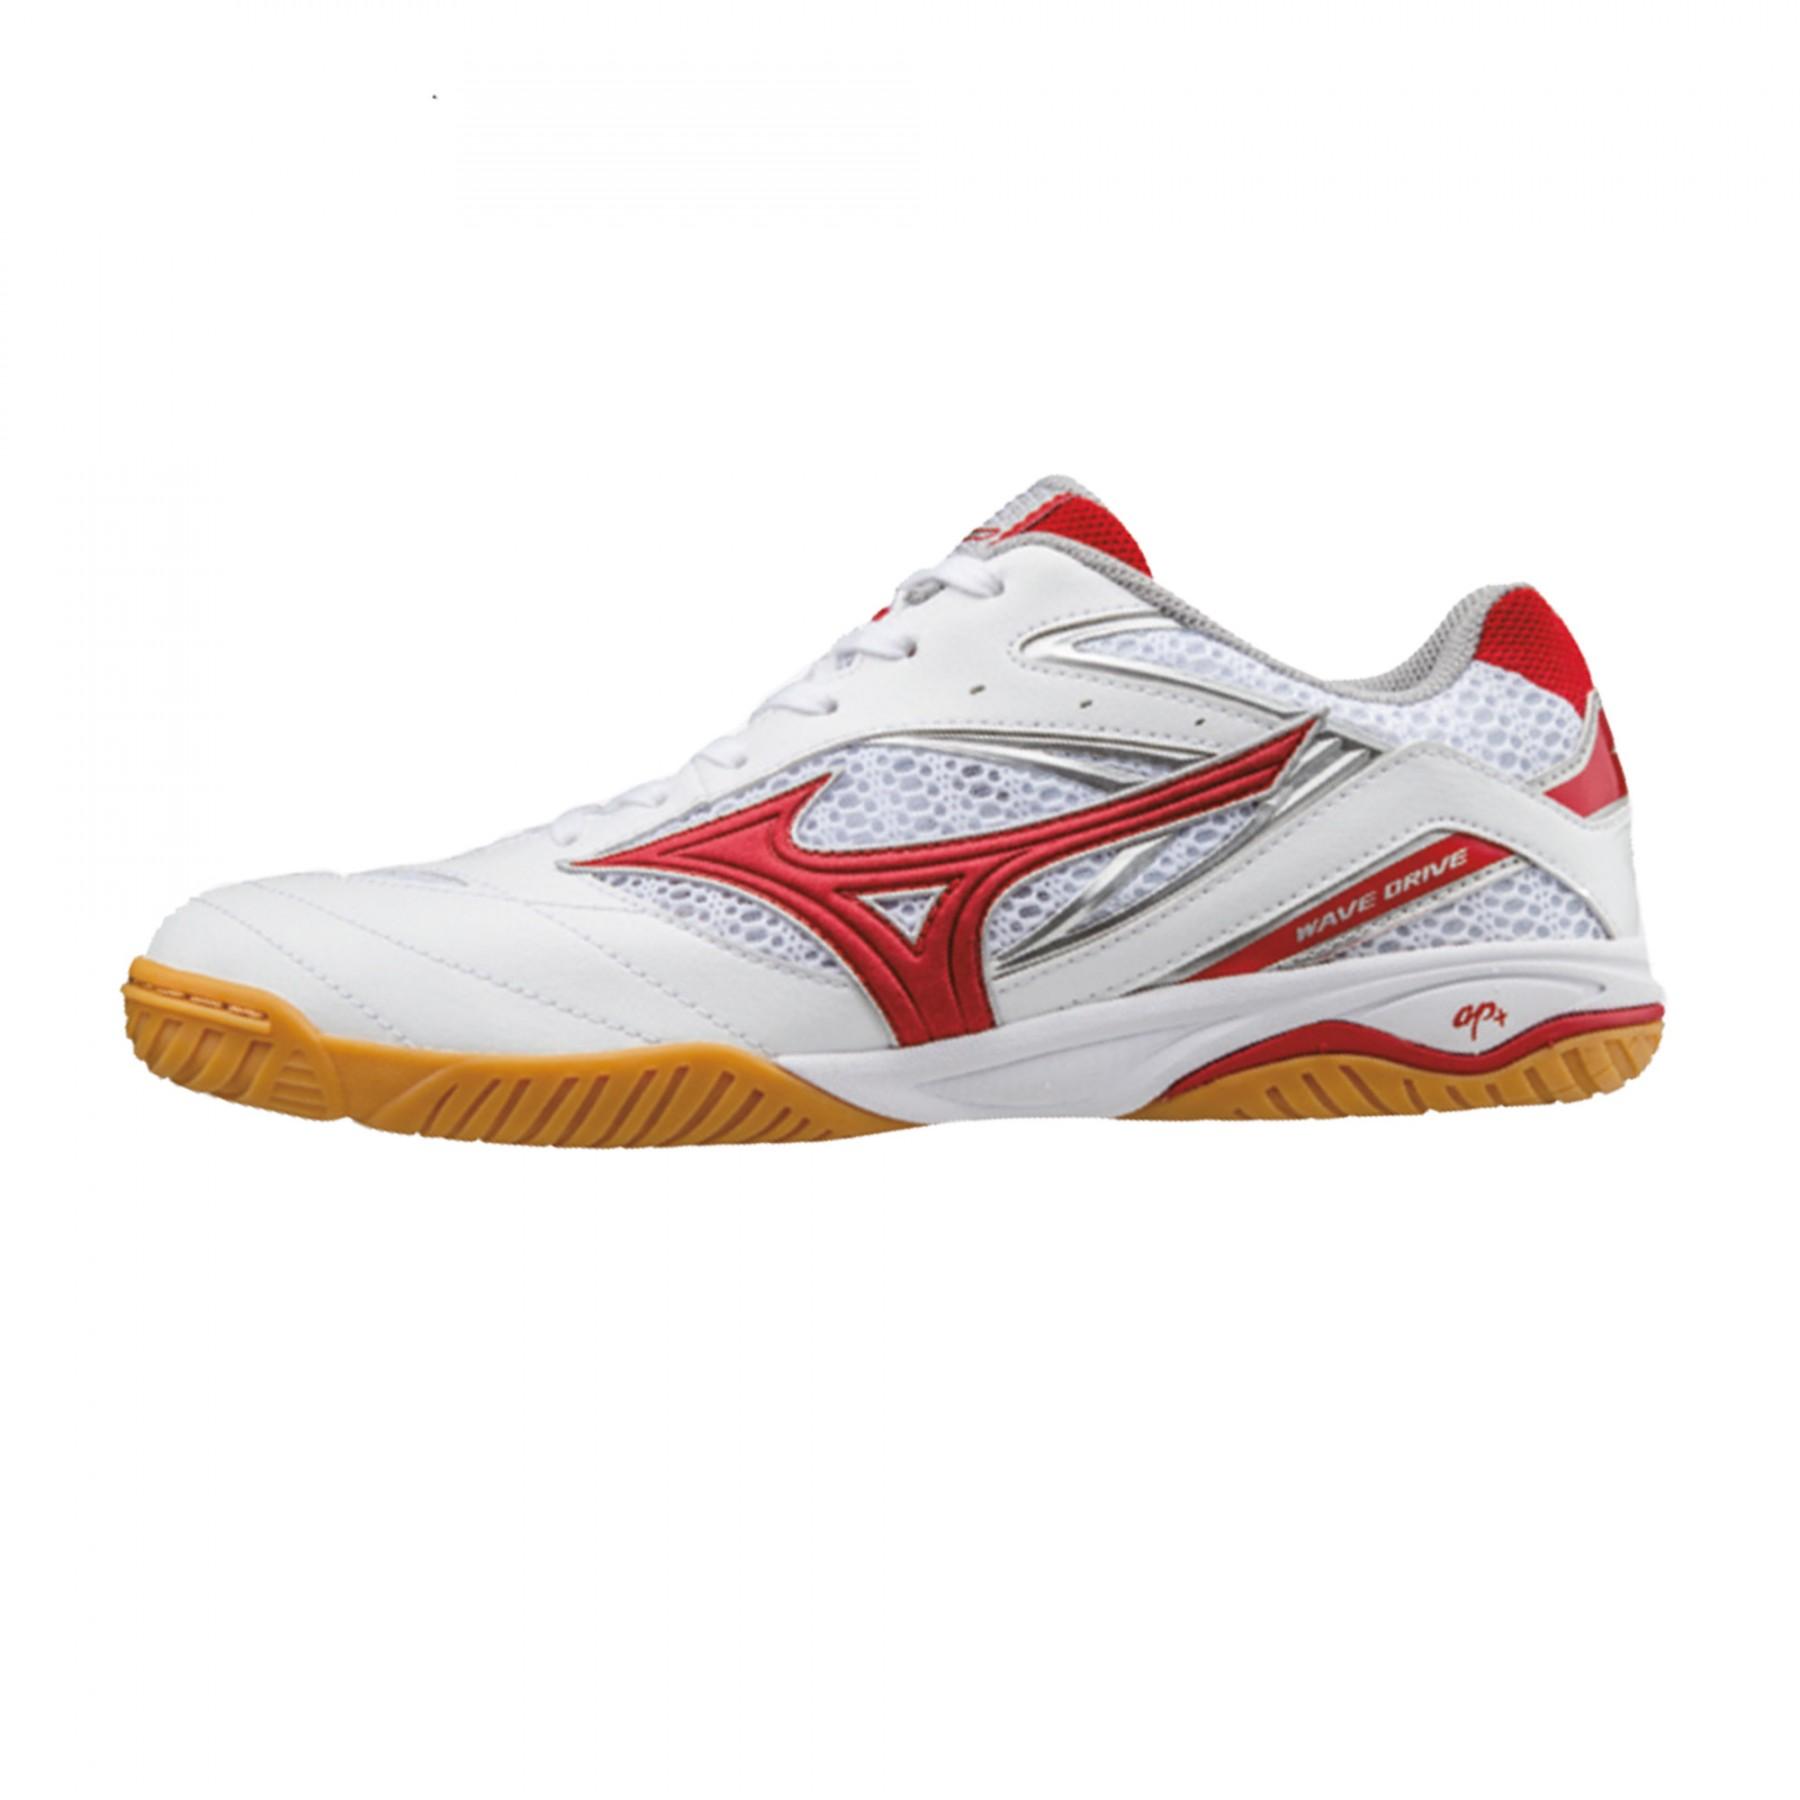 Mizuno Schuh Wave Drive 8 +1 Paar Socken gratis FriJa TT